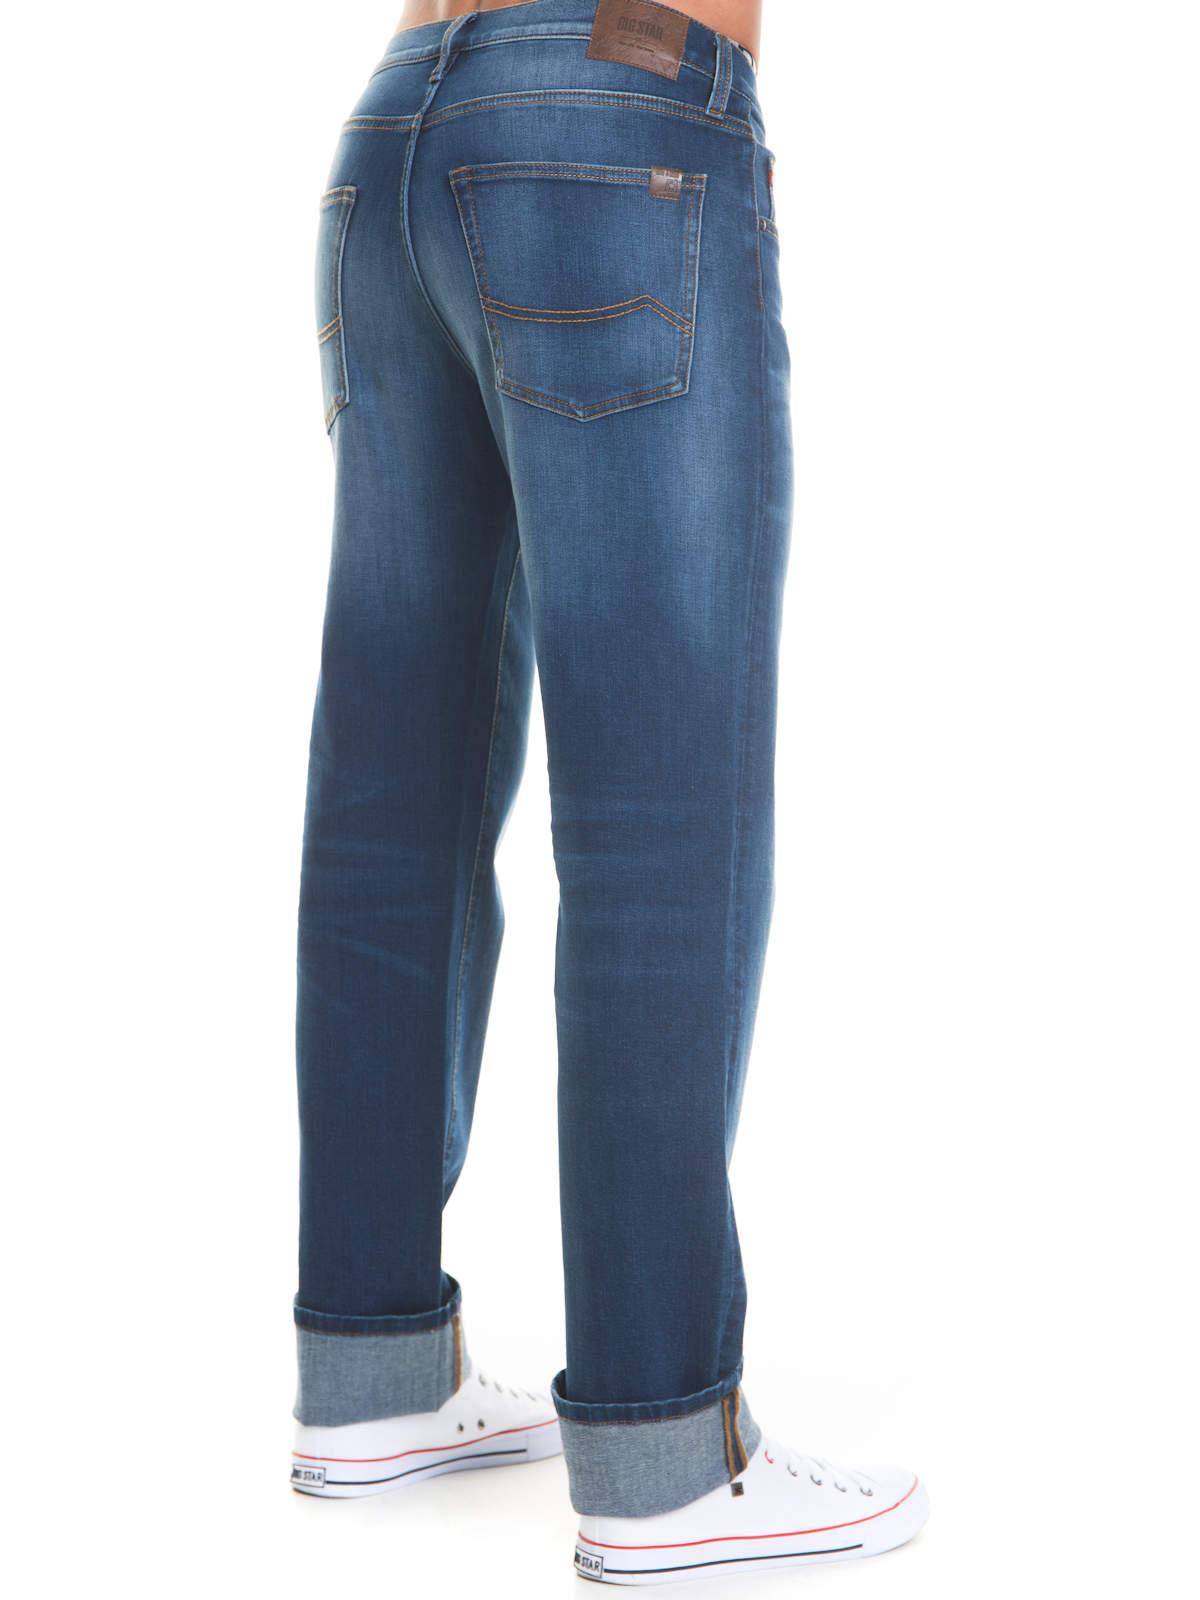 Big-Star-Jeans-Colt-497-Regular-Fit-Herren-Hose-Straight-Leg-Medium-Denim-NEU Indexbild 8